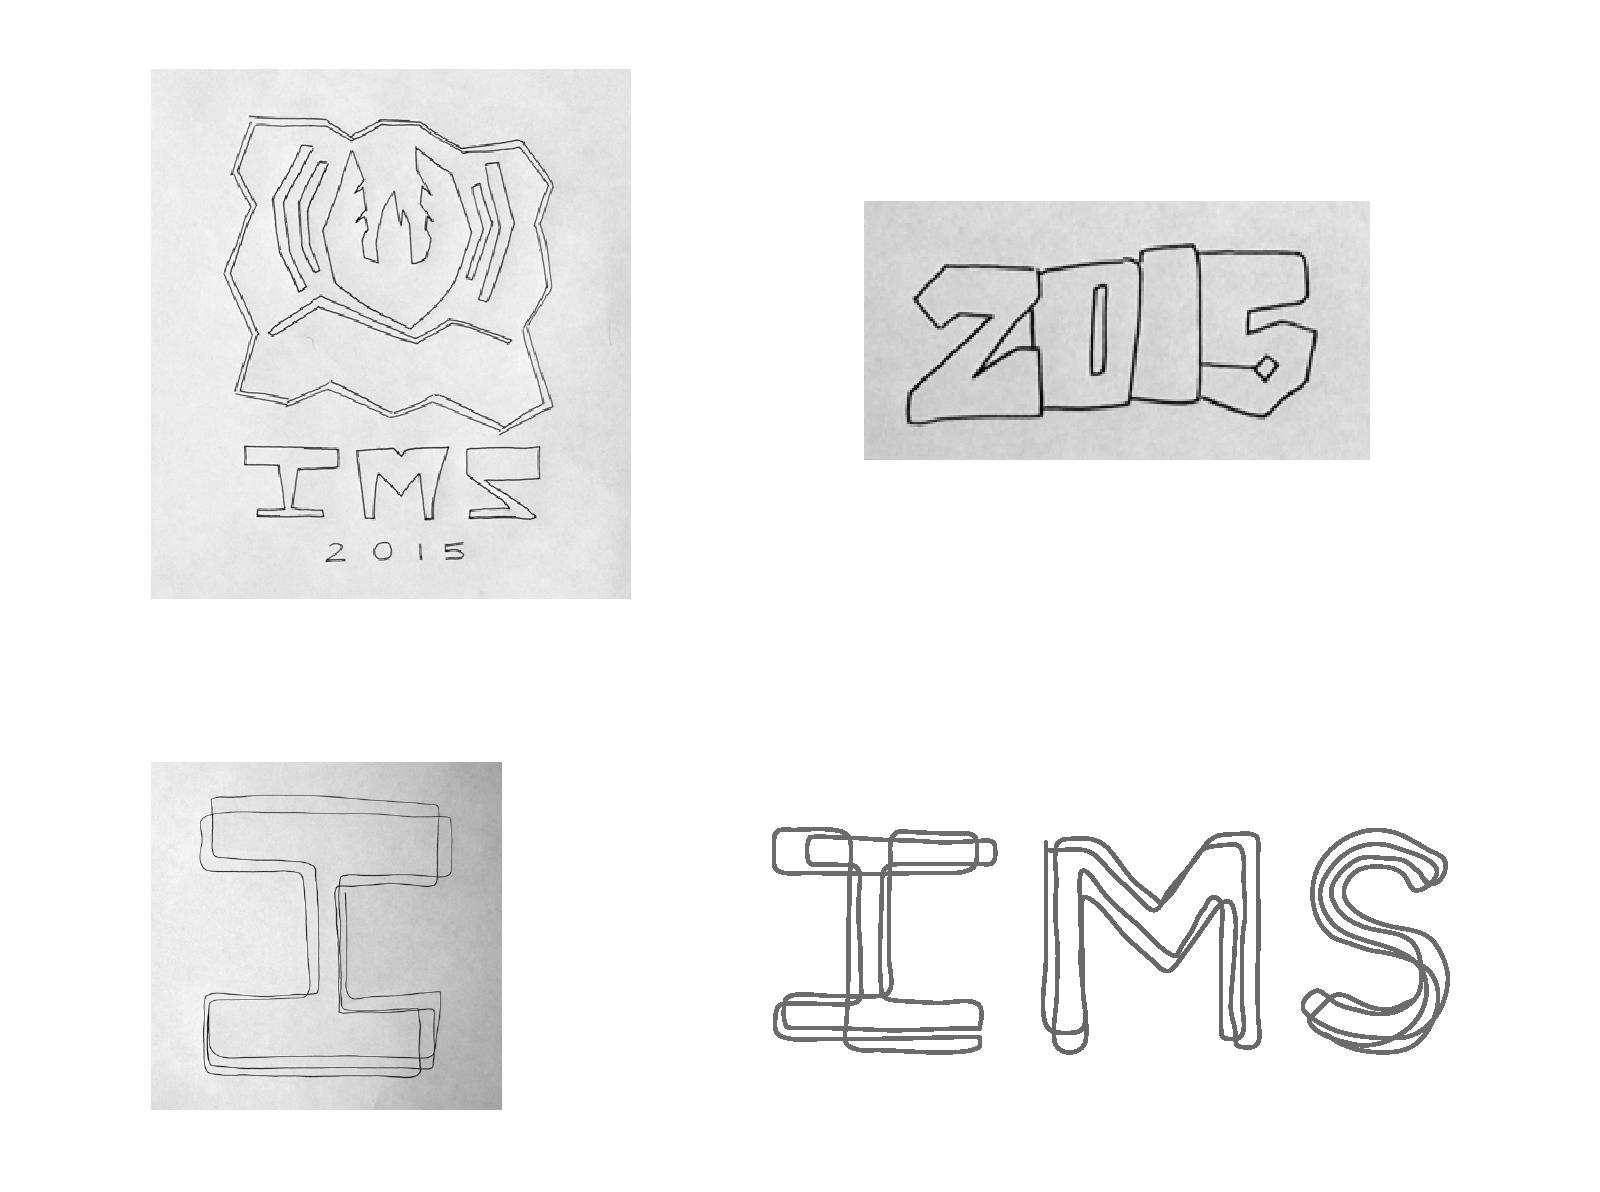 ben_tieni___ims_sketch